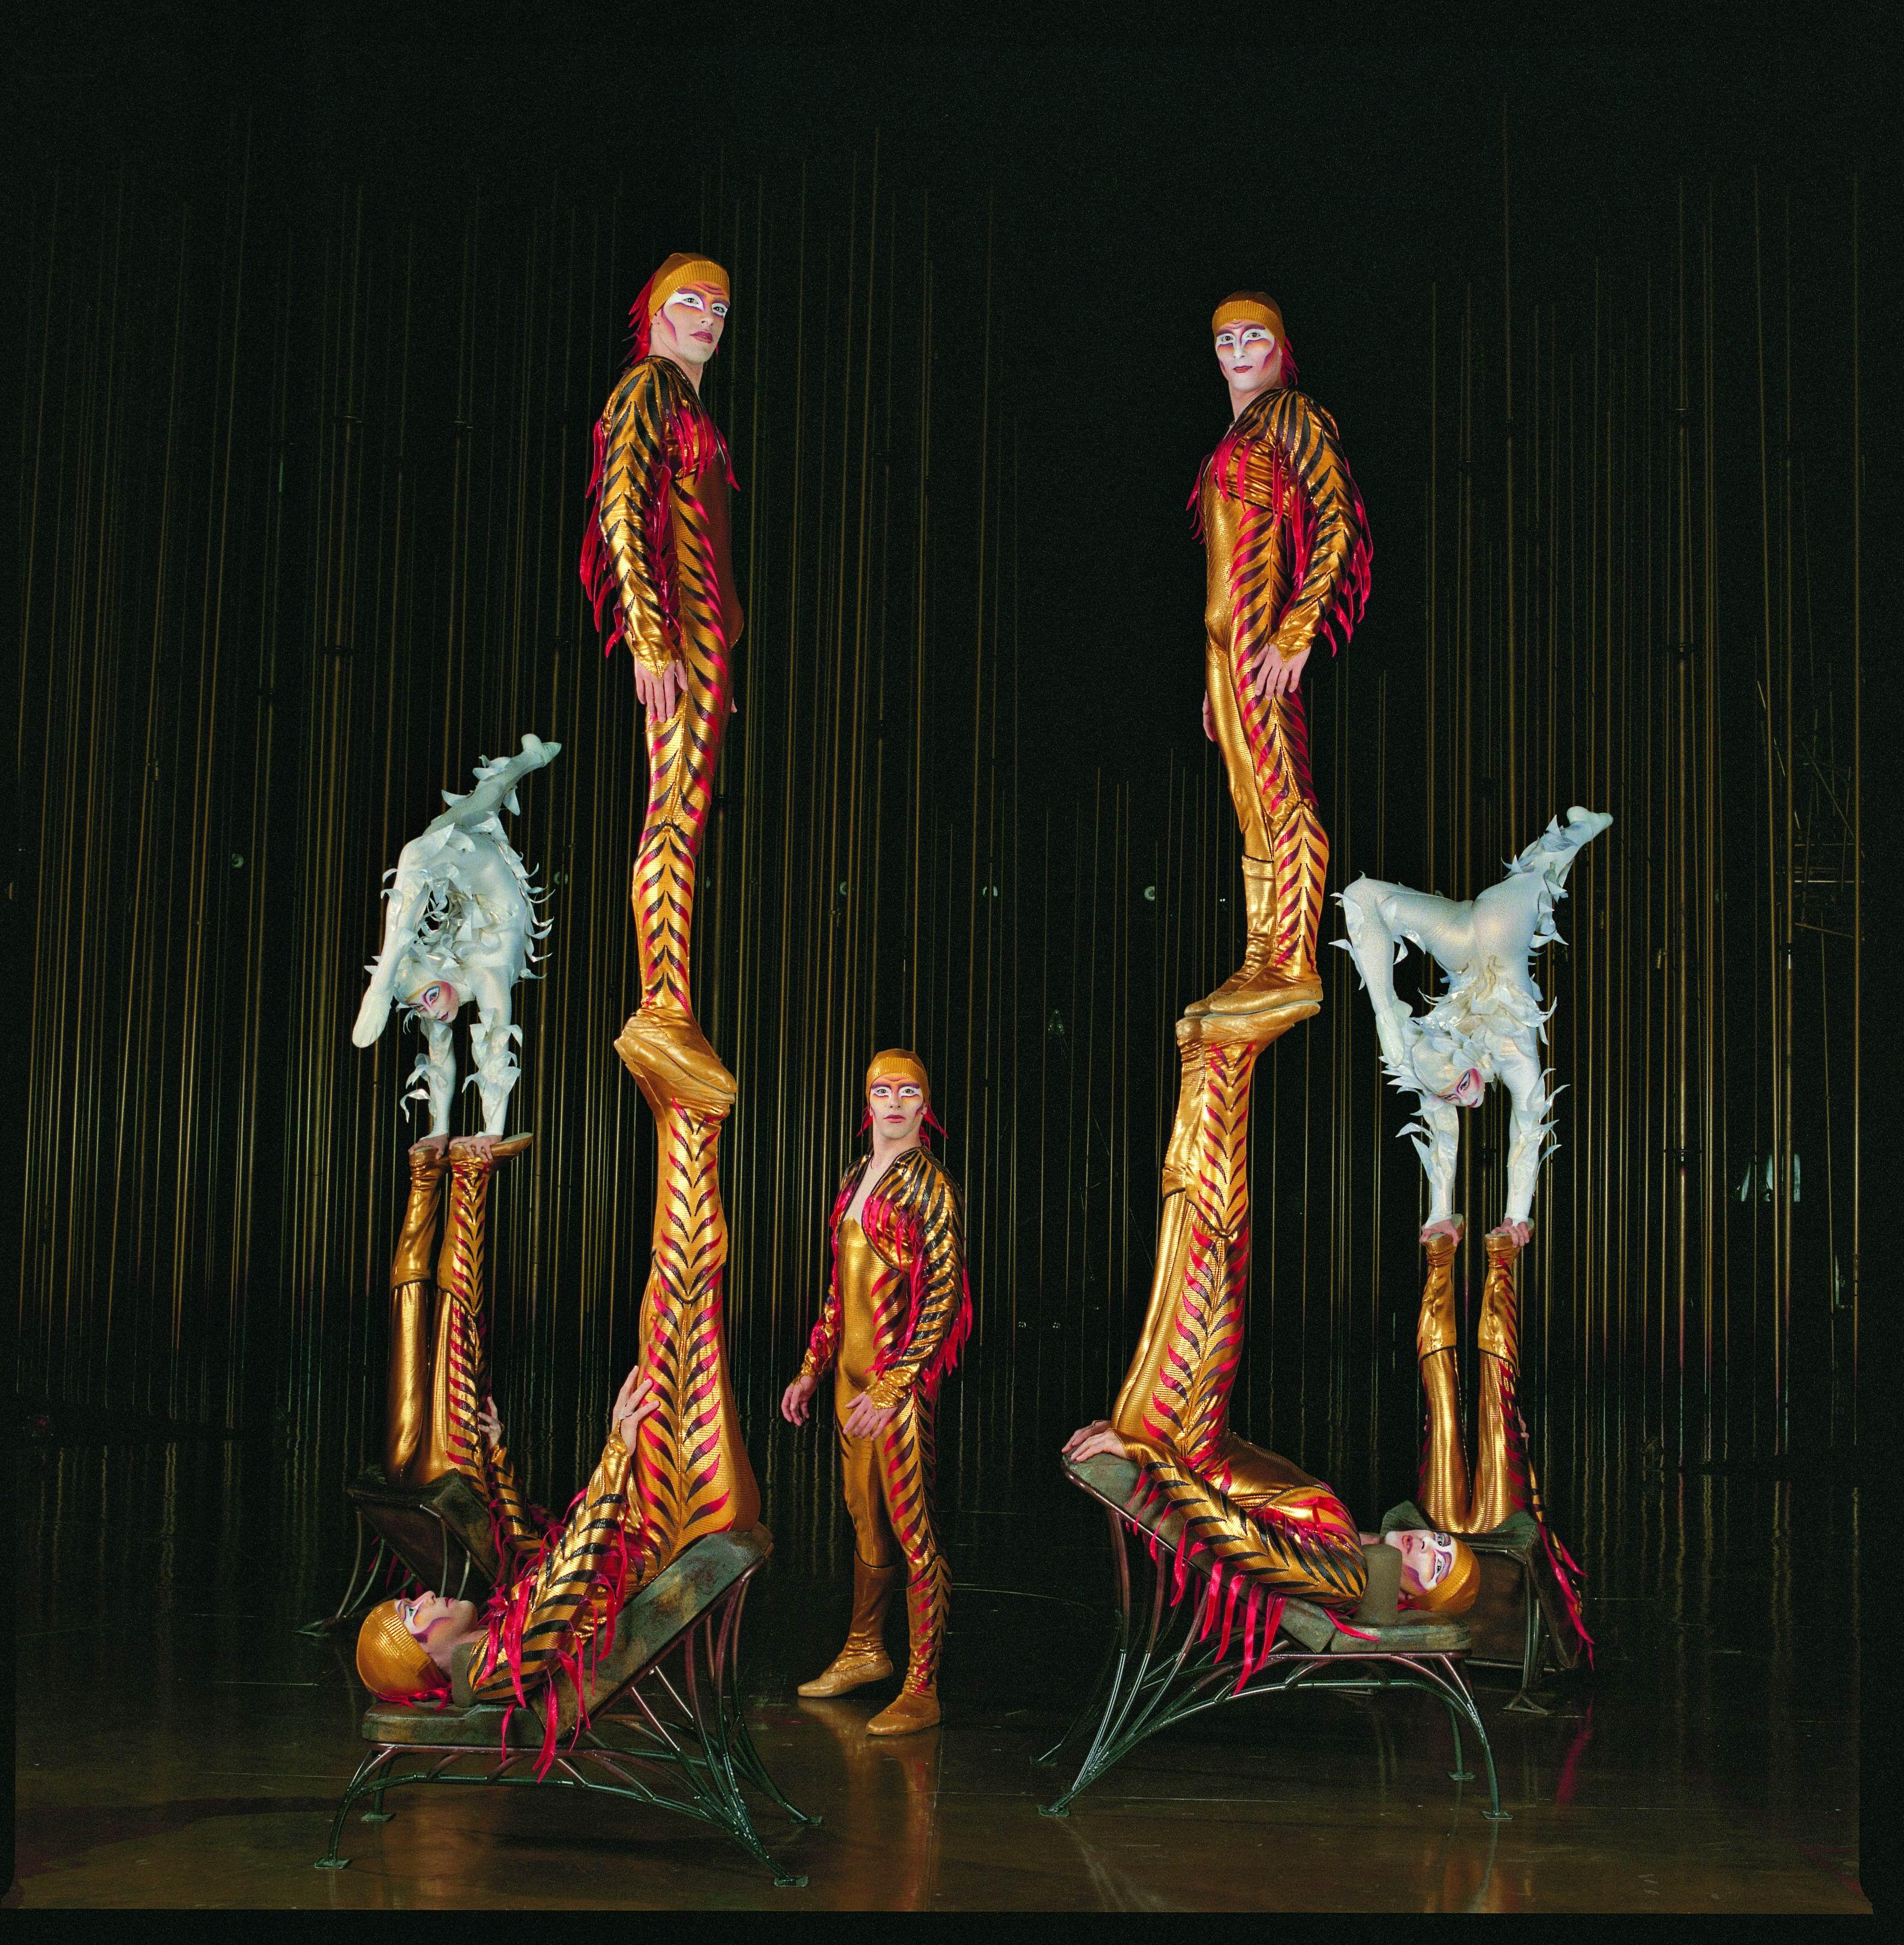 Verakai: Cirque du Soleil